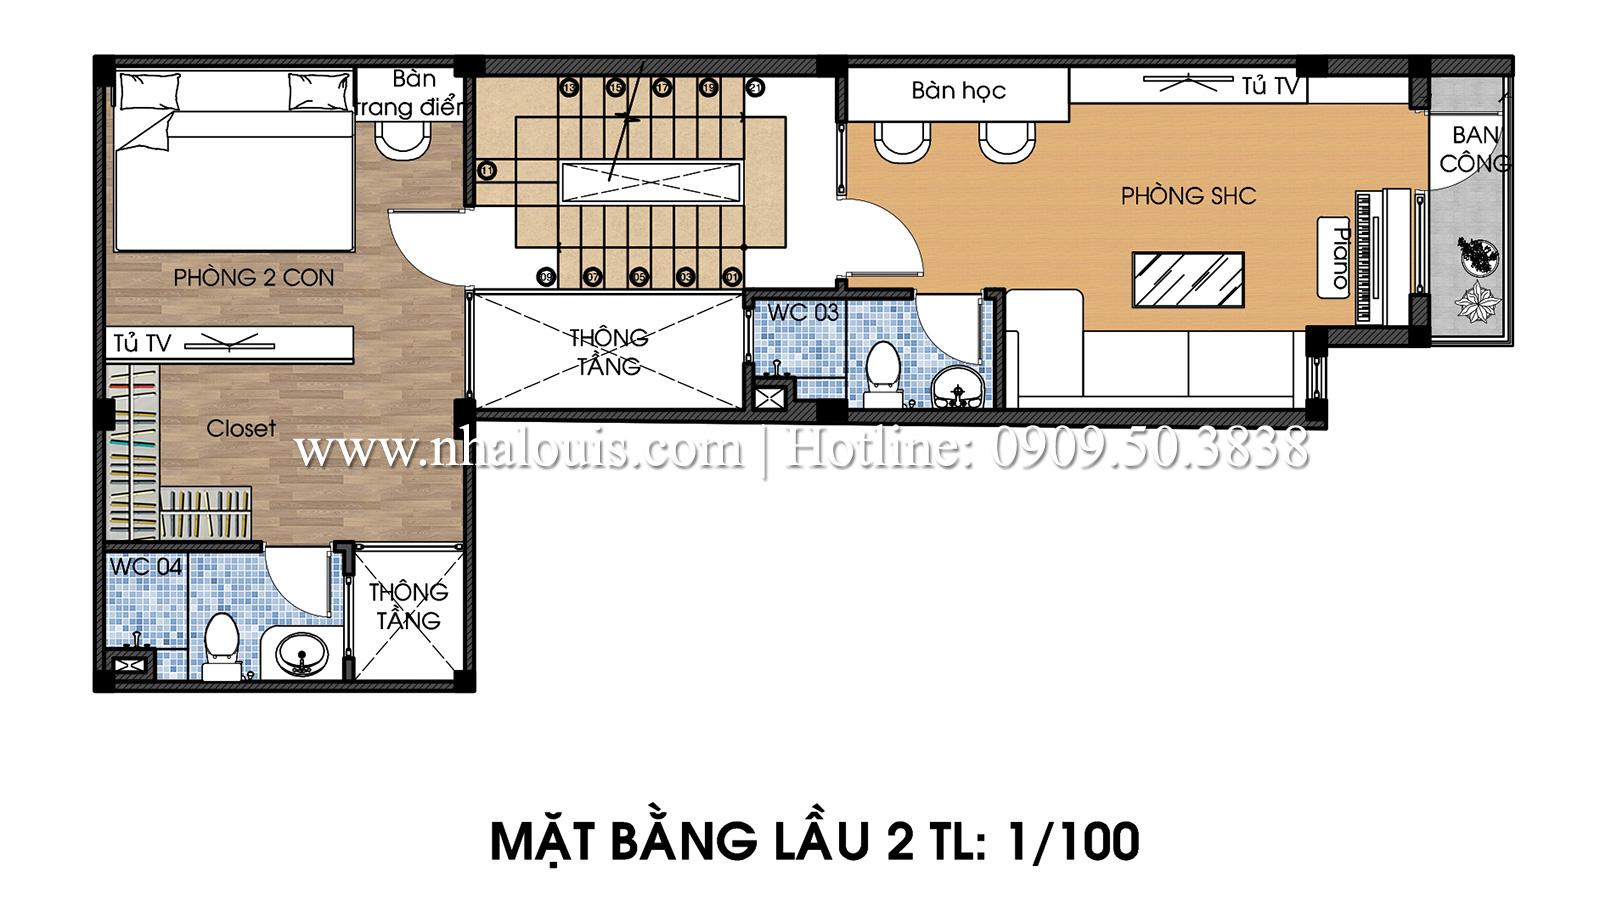 Mặt bằng tầng 2 Mẫu thiết kế nhà phố 5 tầng tại Tân Bình với không gian thiên nhiên xanh mát - 14